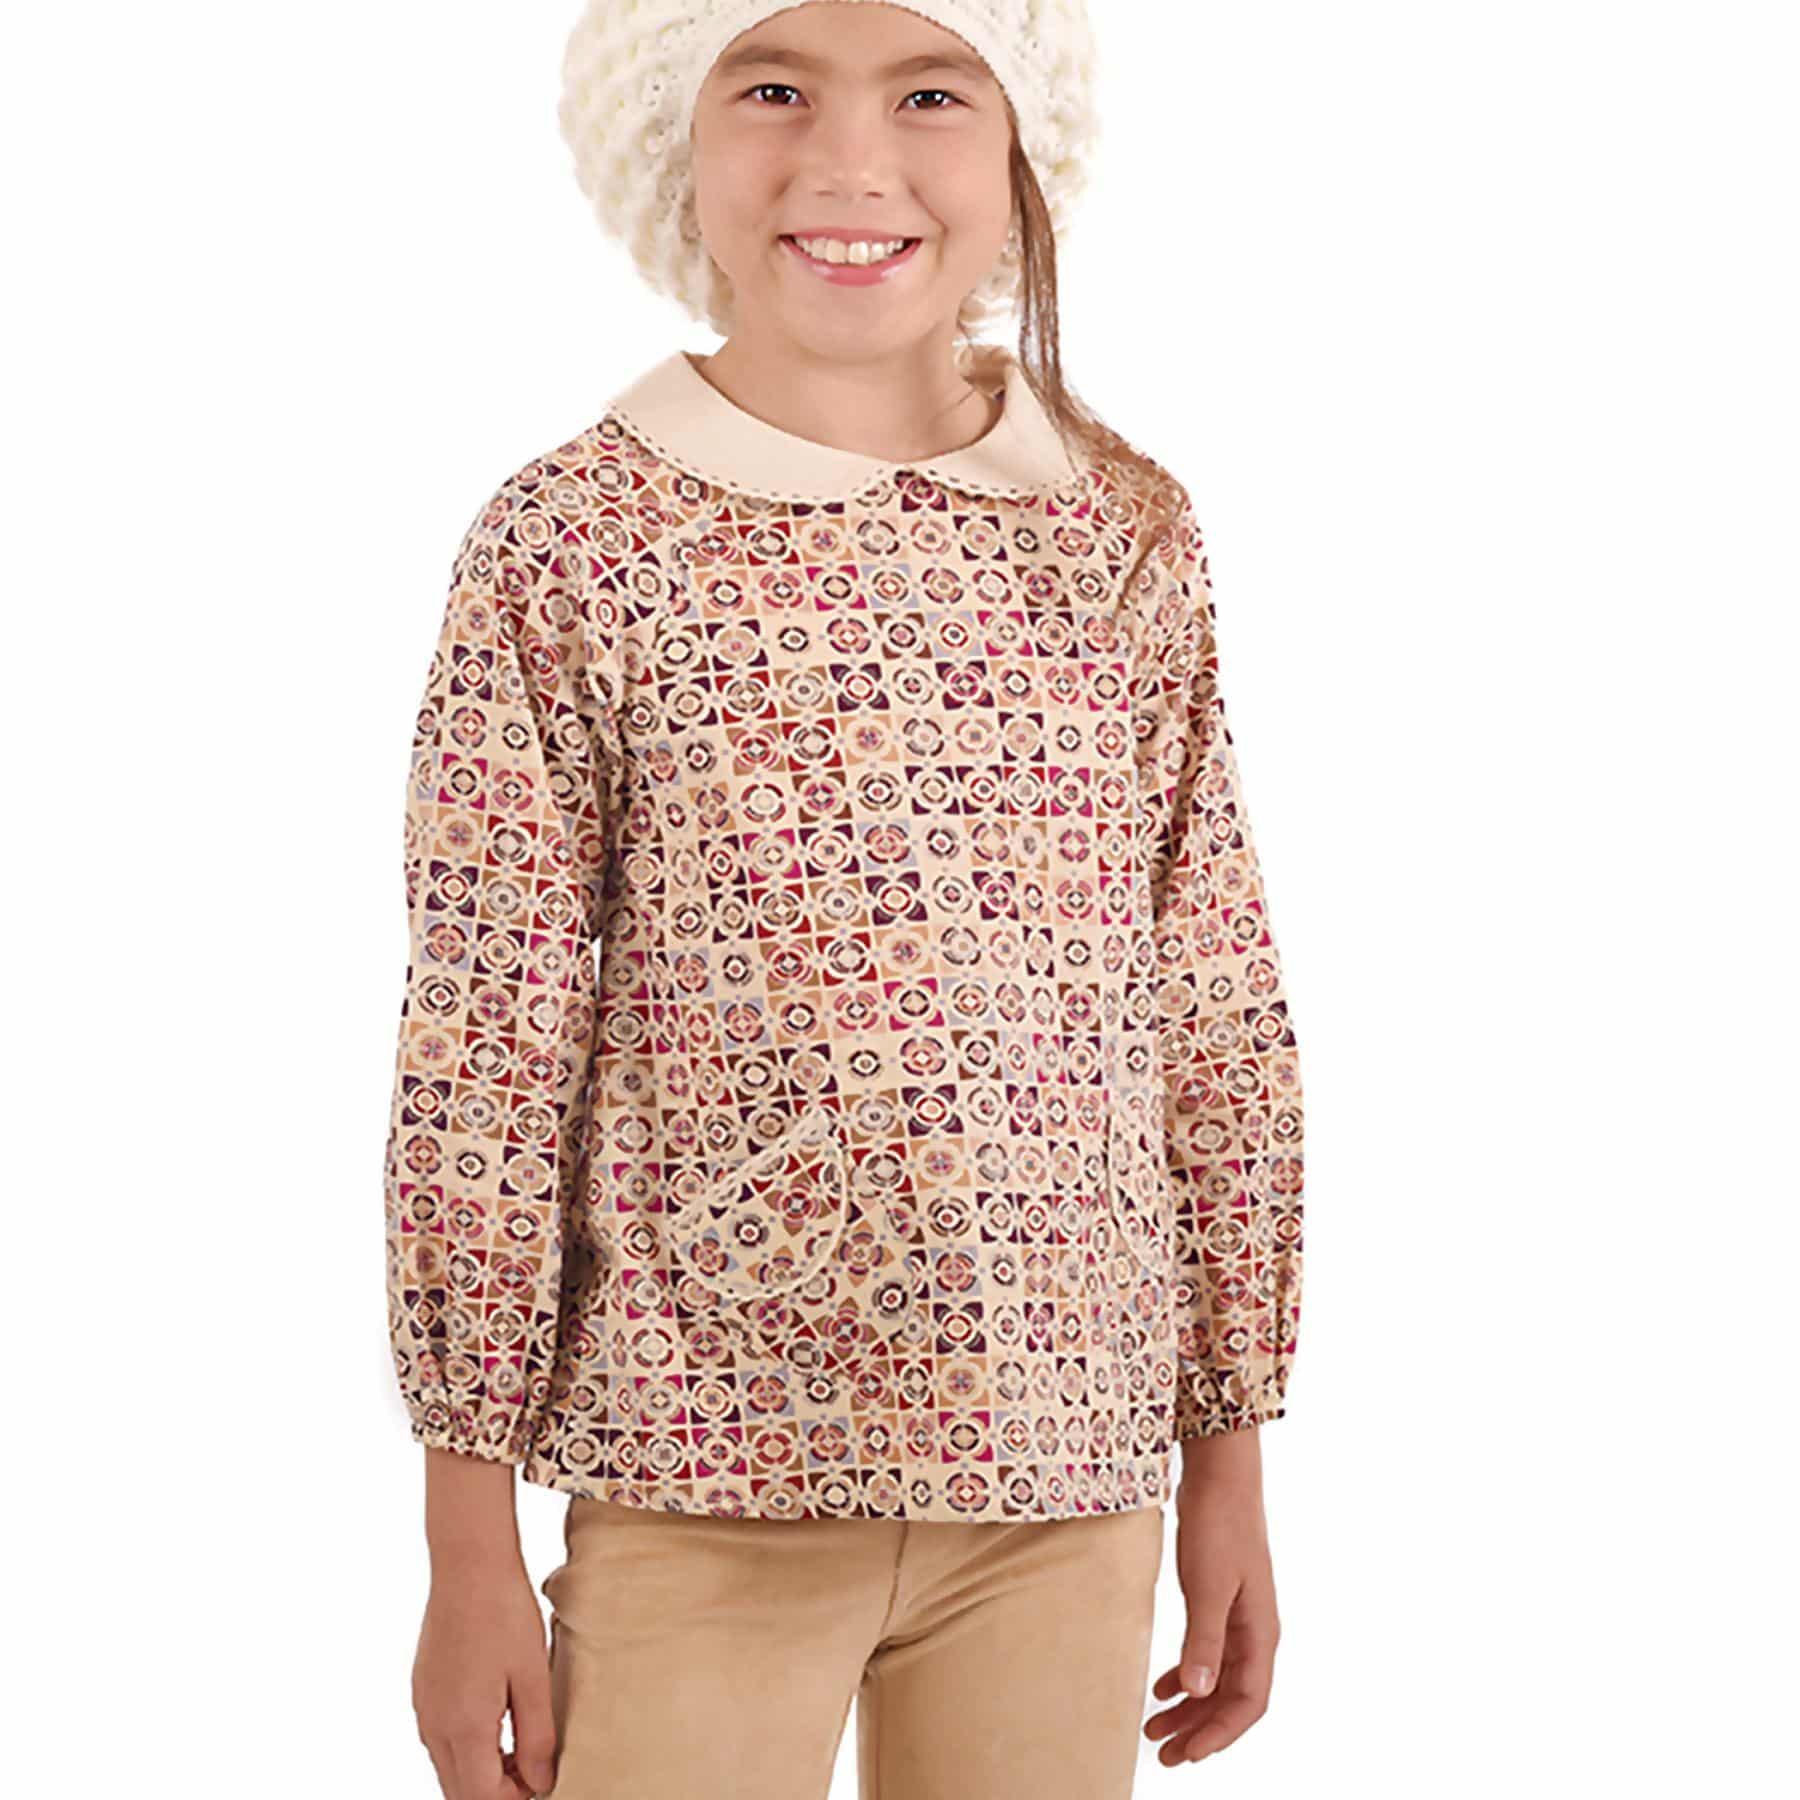 Blouse manches longues à col Claudine en coton imprimé graphique beige et bordeaux pour filles de 2 à 12 ans